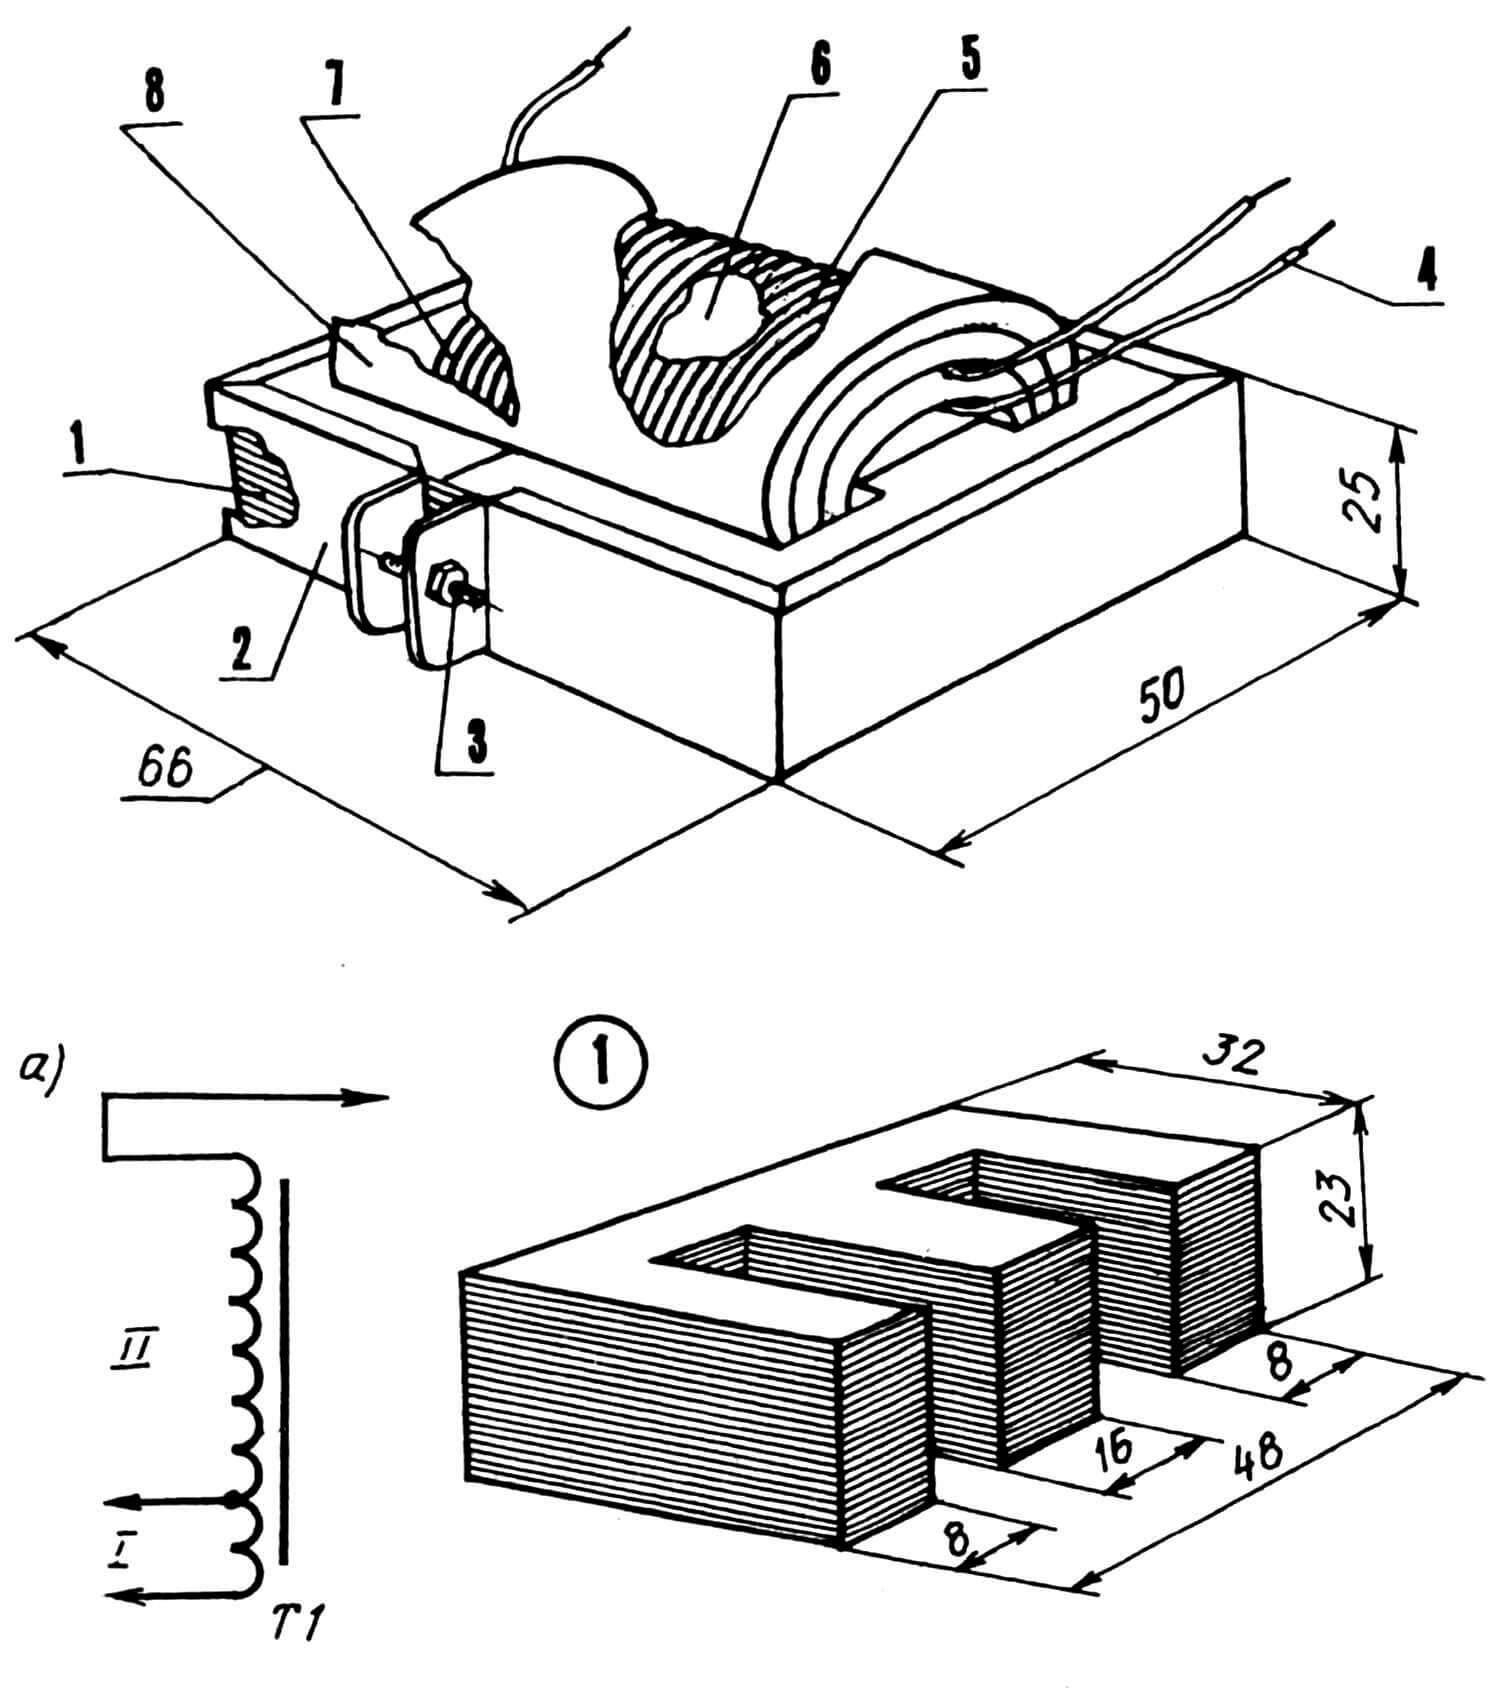 Катушка зажигания с замкнутым магнитопроводом (а — схема соединения обмоток): 1 — пакет магнитопровода наборный (из пластин Ш16 трансформаторной стали, 2 шт.); 2 — корпус-скоба (листовая сталь s1); 3 — болт М6; 4 — вывод катушки (многожильный провод в виниловой изоляции, 3 шт.); 5 — обмотка вторичная (8000 витков ПЭЛ-0,1); 6 — прокладка изолирующая междуслойная (конденсаторная бумага); 7 — обмотка первичная (100 витков ПЭЛ-0,4); 8 — обертка защитная (кабельная бумага, 2 слоя).